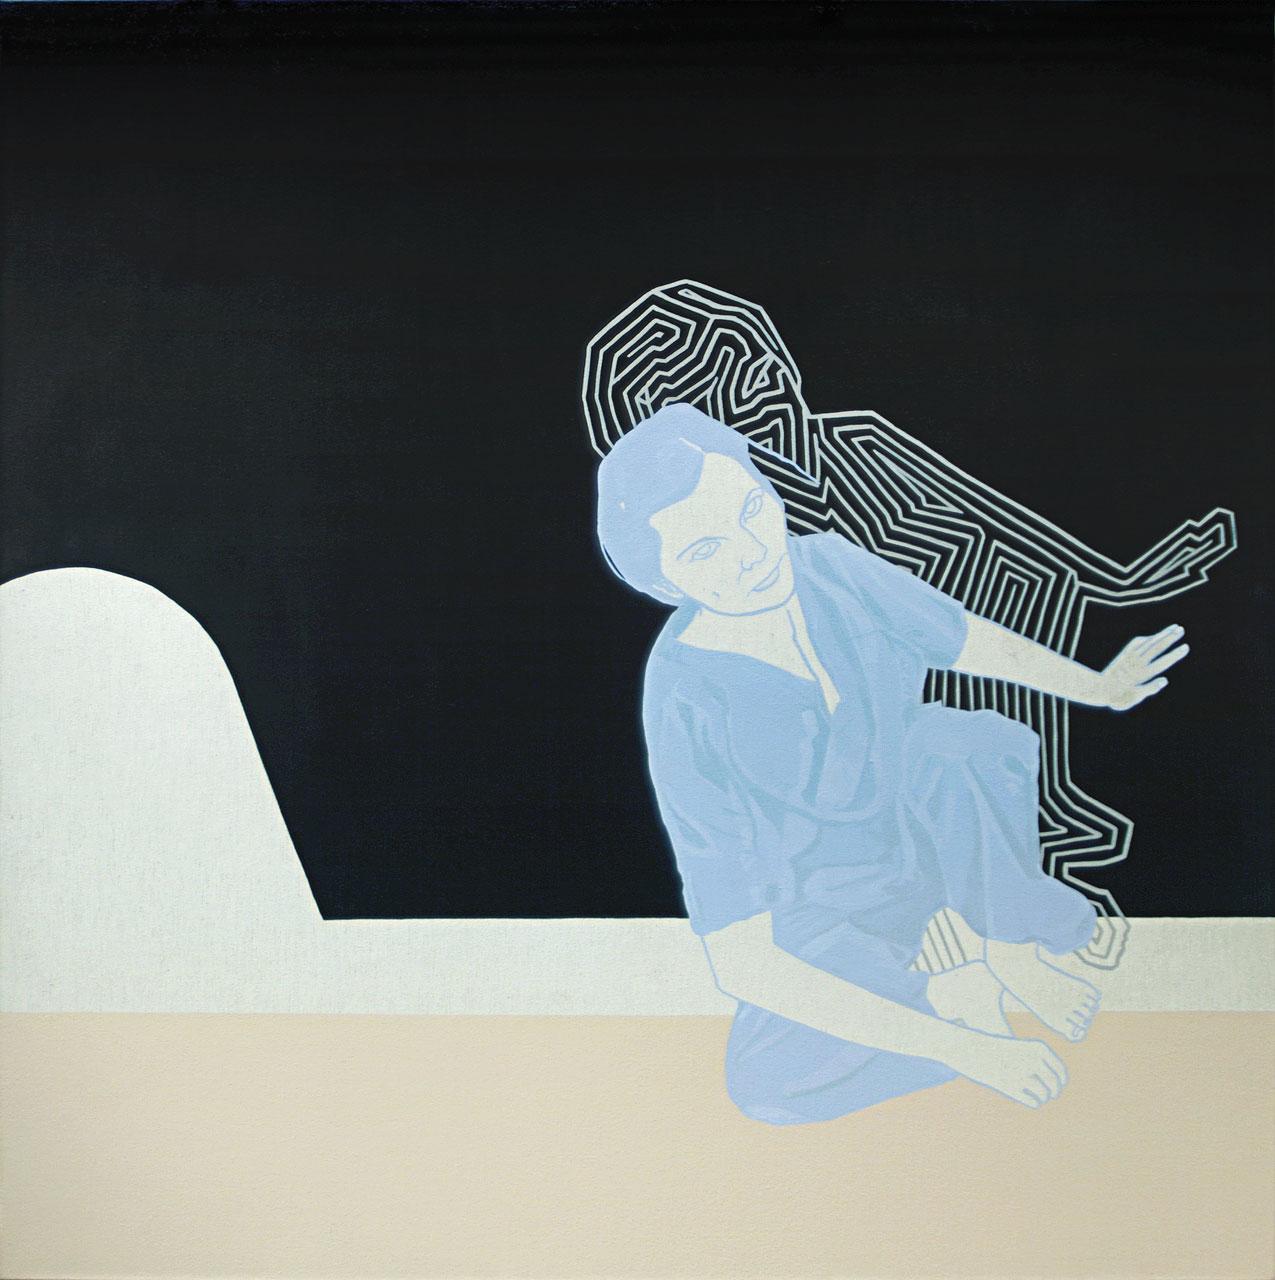 Hôpital, 2013. Cat Plourde. Acrylique sur toile. 144 x 144 cm. © L'Artothèque